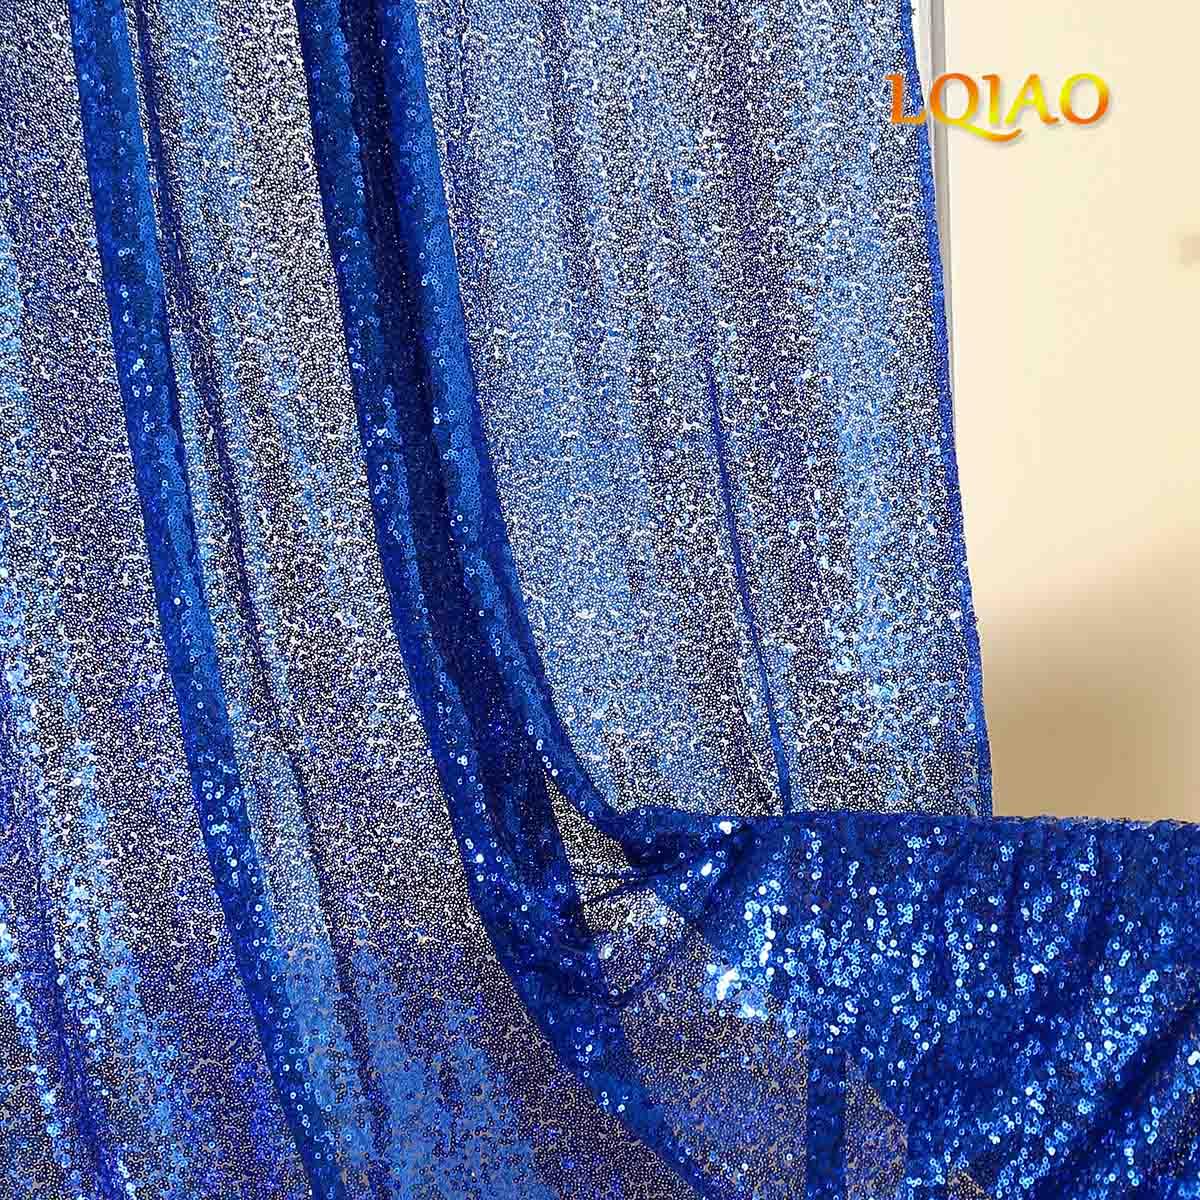 2019 date Sequin rideau 2 Pack brillant bleu royal sequin toile de fond Photo rideaux pour fête/mariage/chambre décoration de la maison-in Rideaux from Maison & Animalerie    3